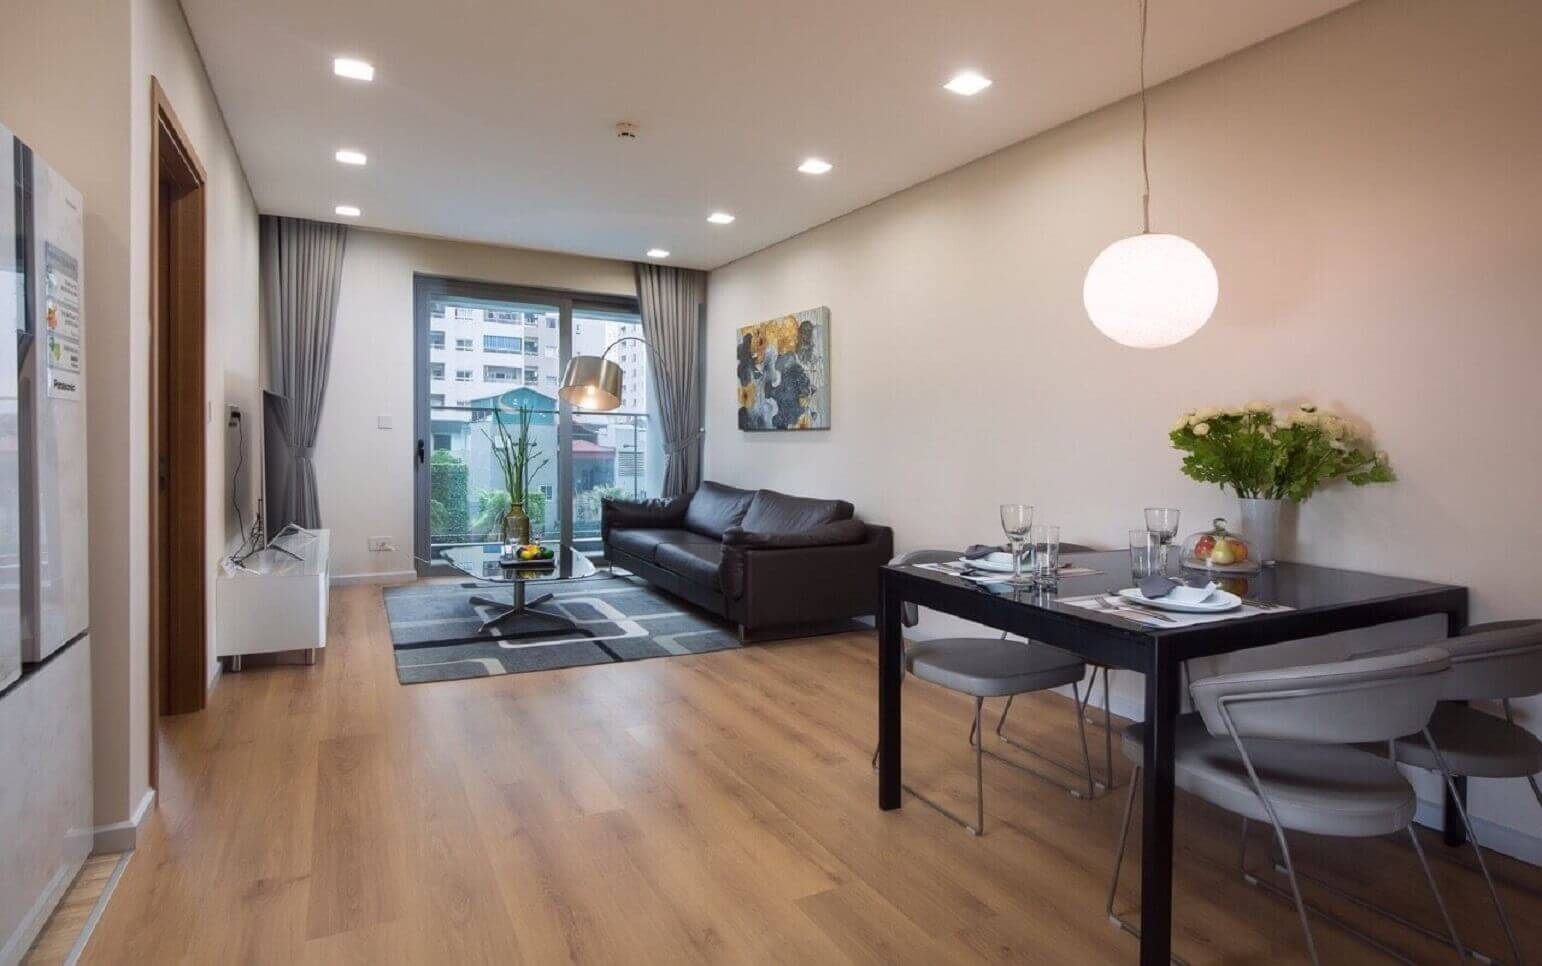 ( Tìm hiểu về nội thất bàn giao căn hộ chung cư Le Grand Jardin Long Biên !